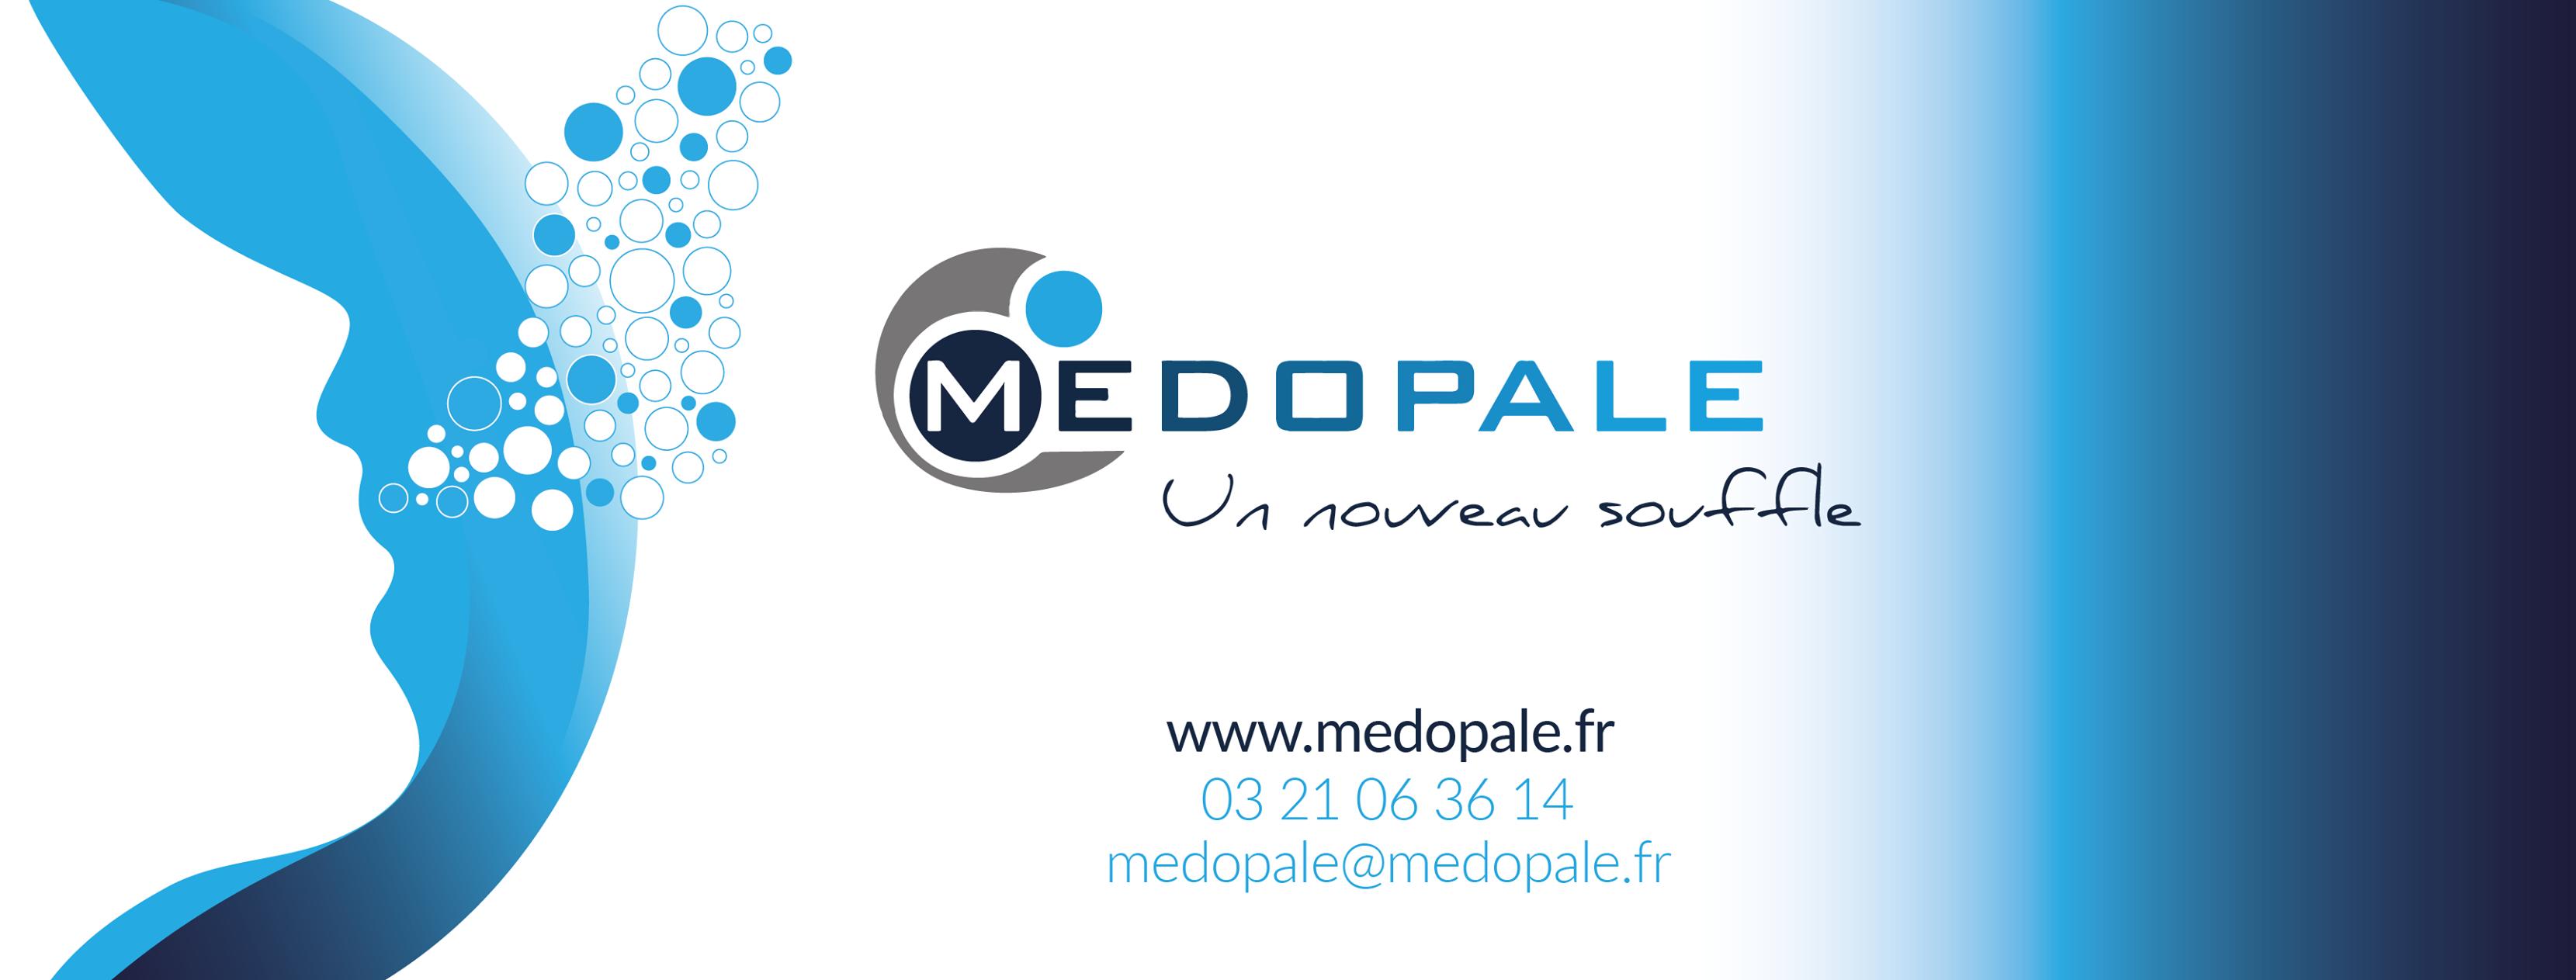 MEDOPALE